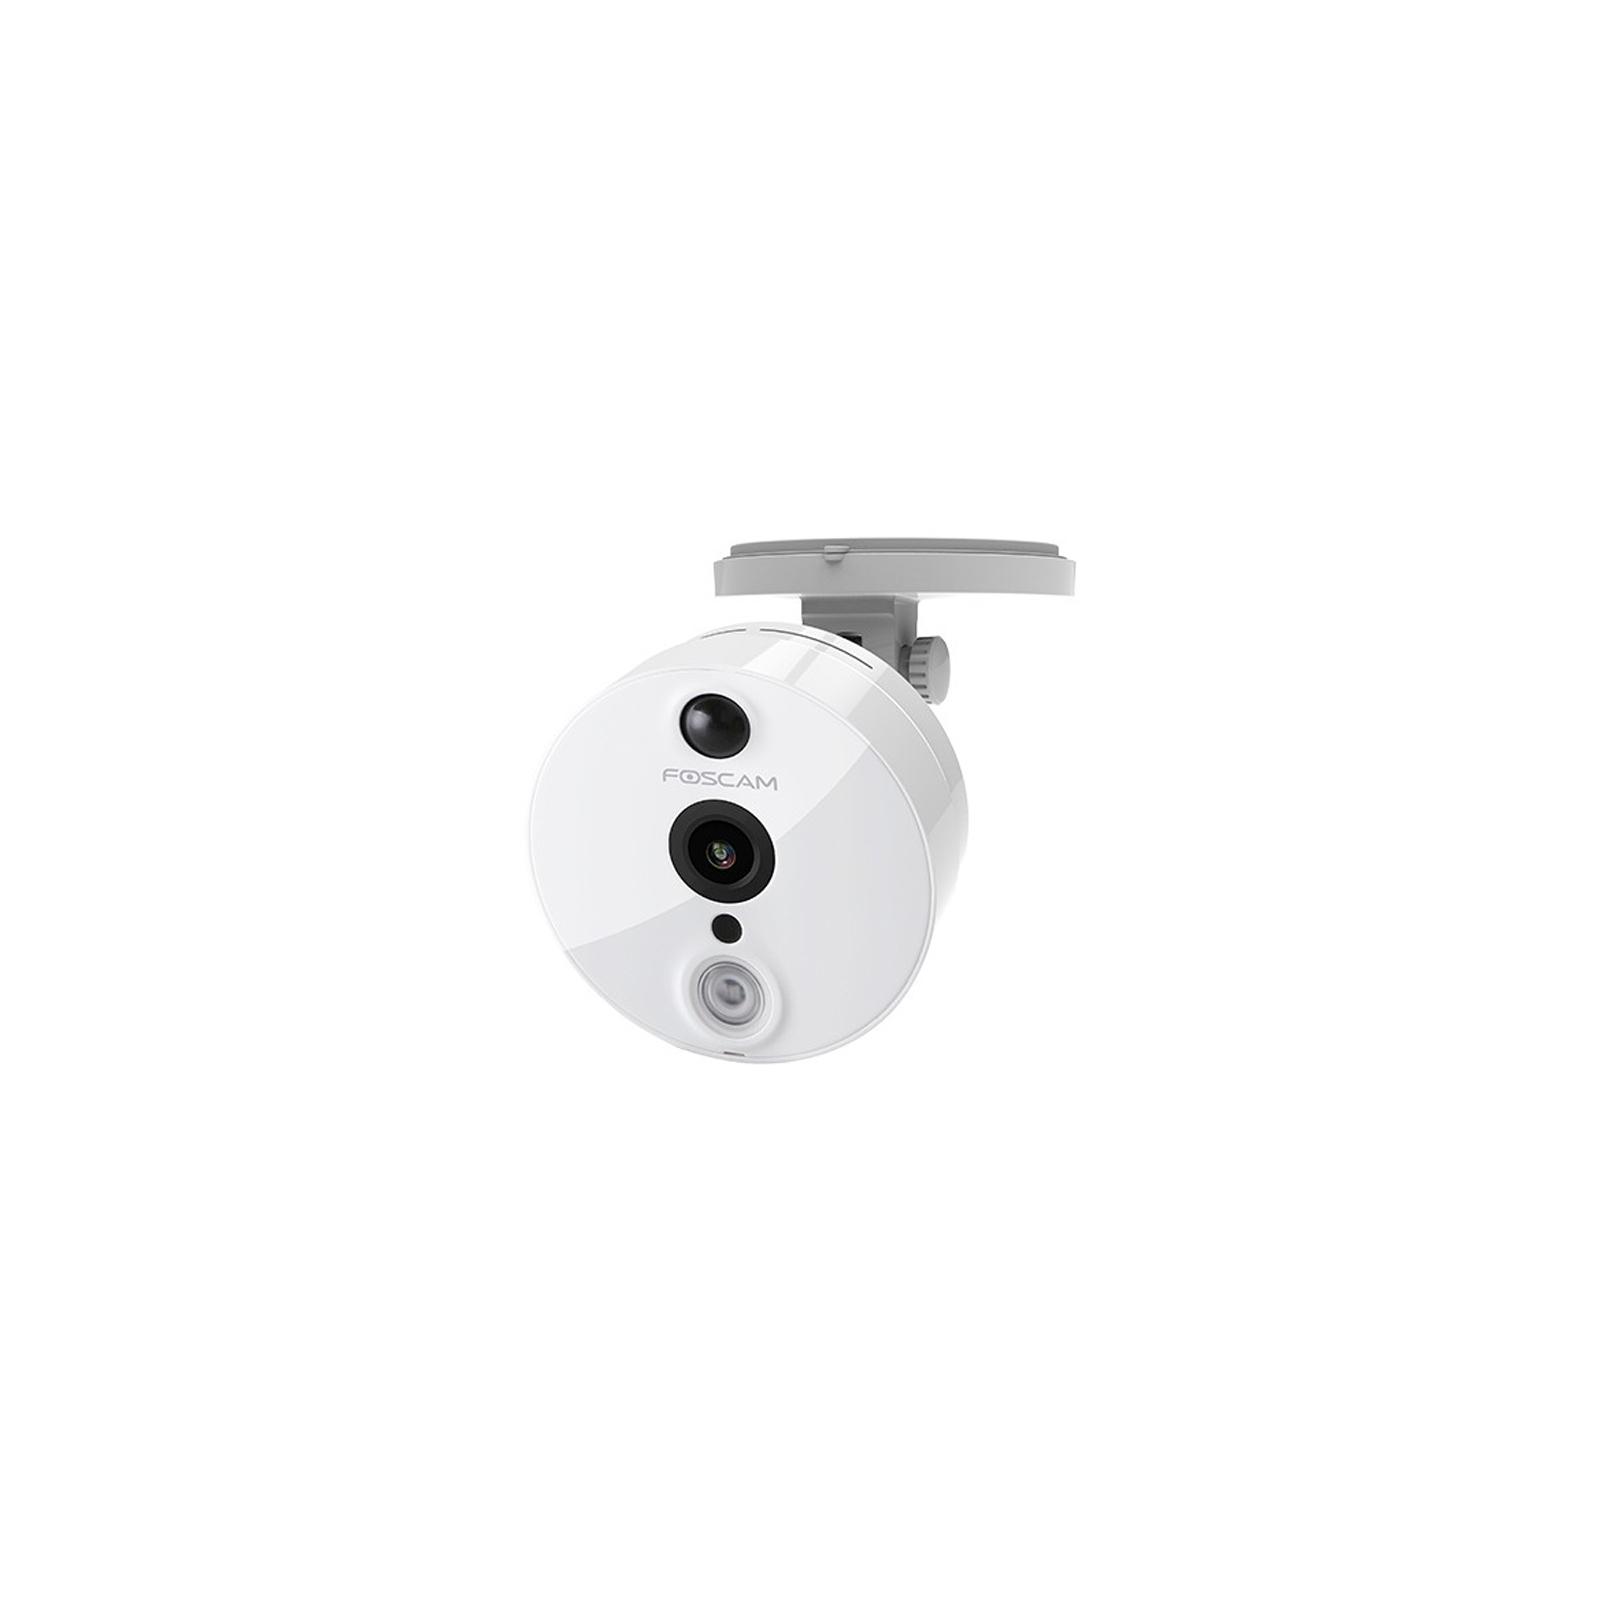 Камера видеонаблюдения Foscam C2 (6791) изображение 3